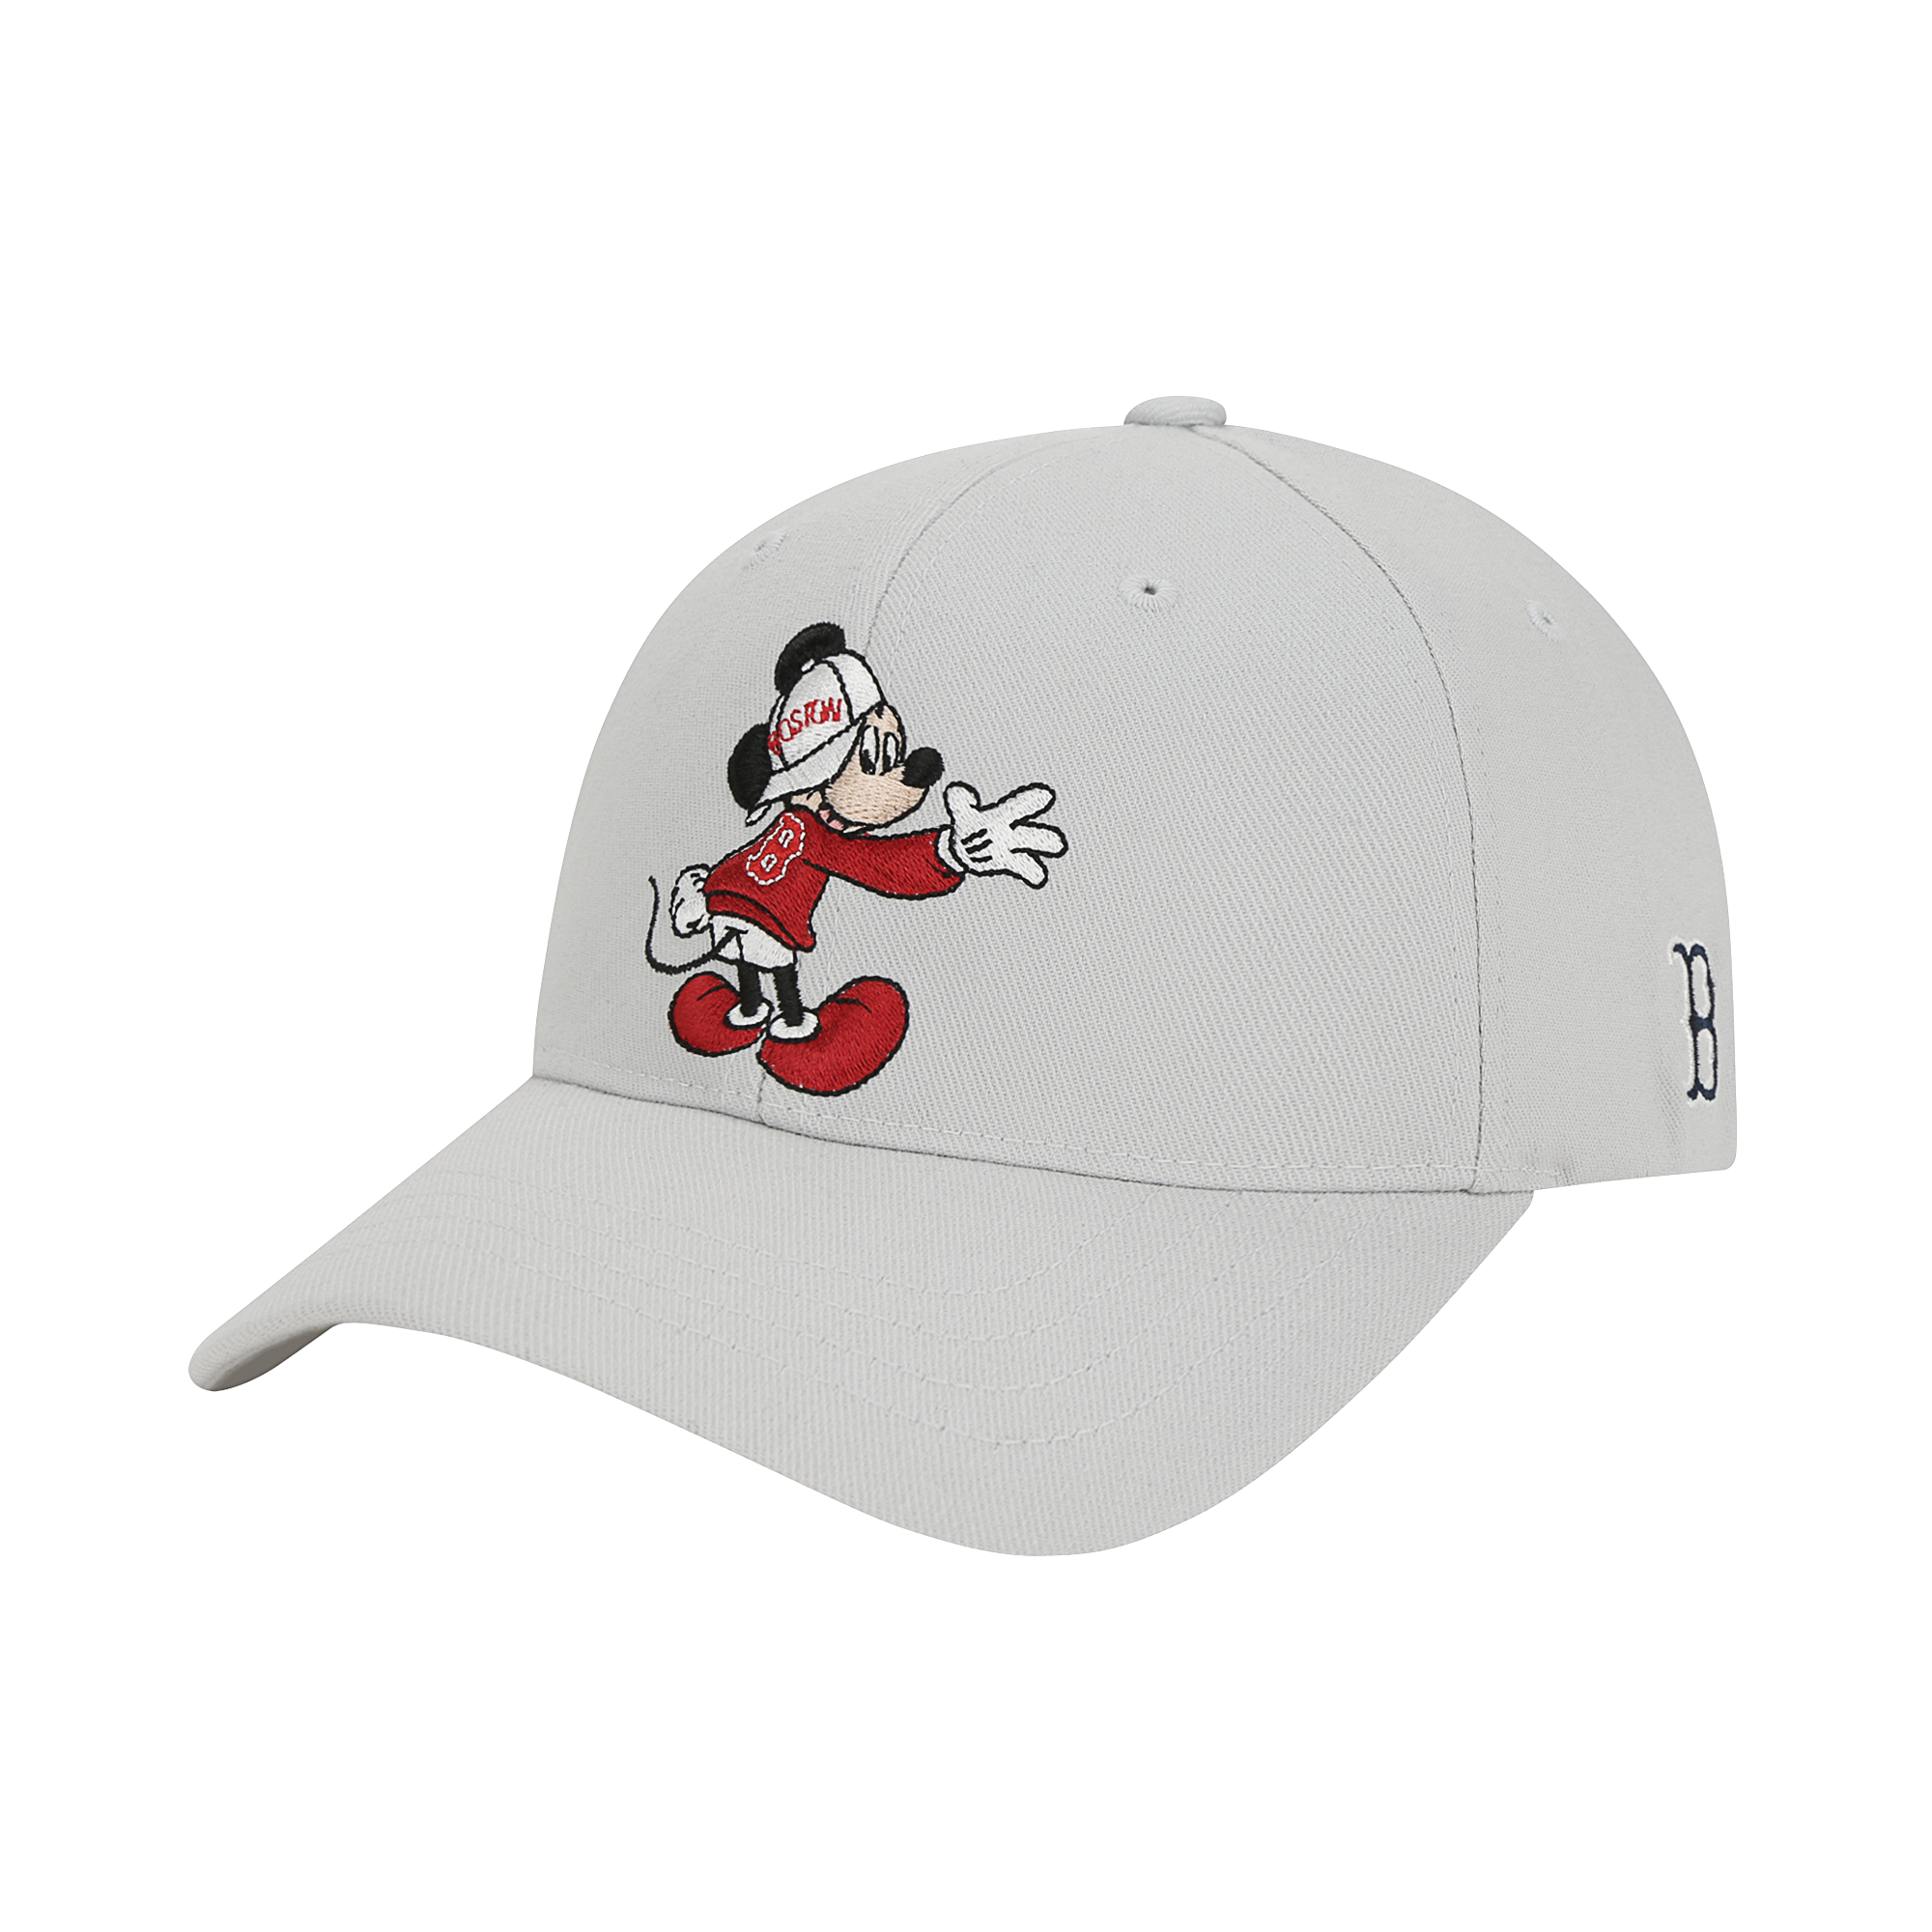 MLB x DISNEY 미키마우스 커브캡 보스턴레드삭스